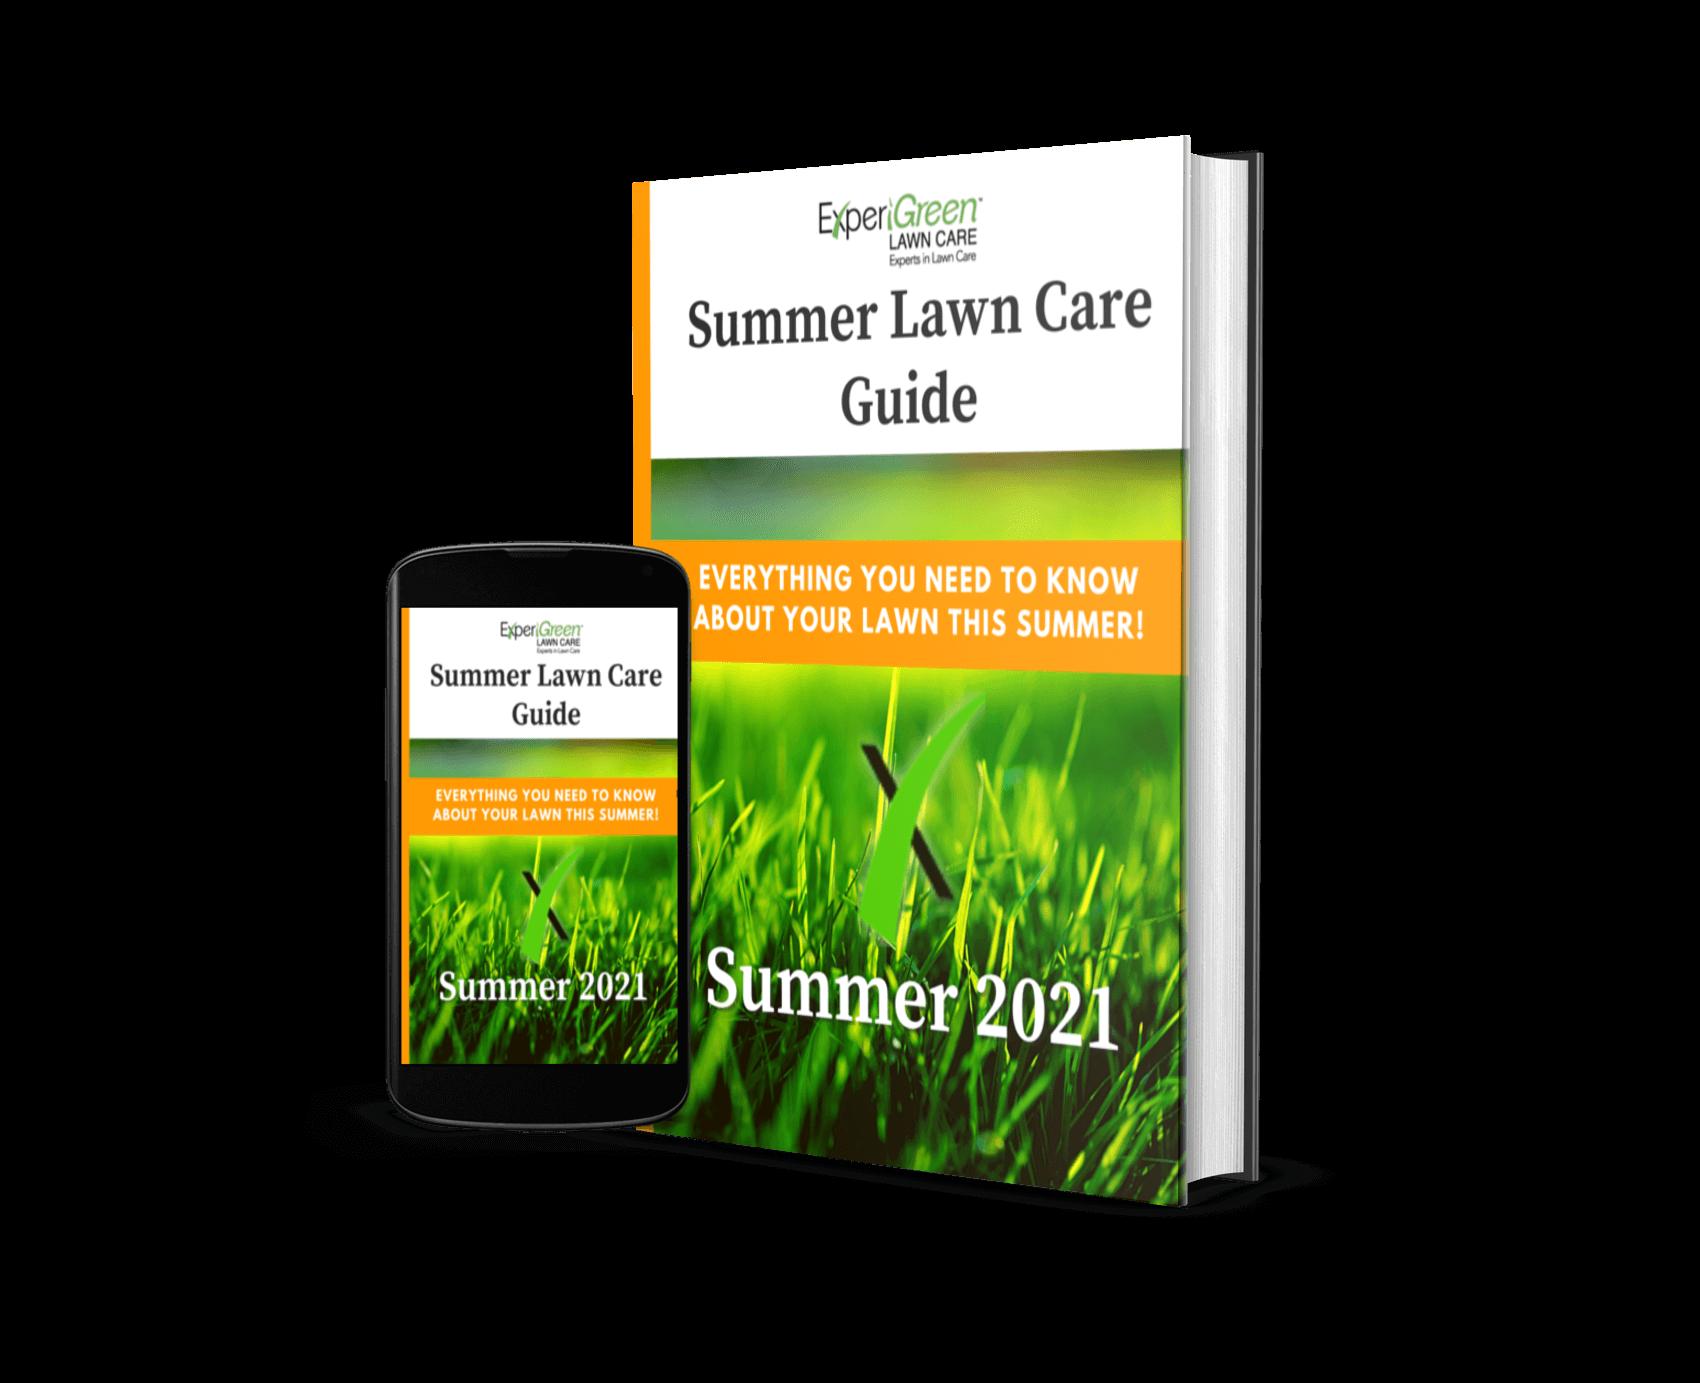 Summer Lawn Care E-book Free Download